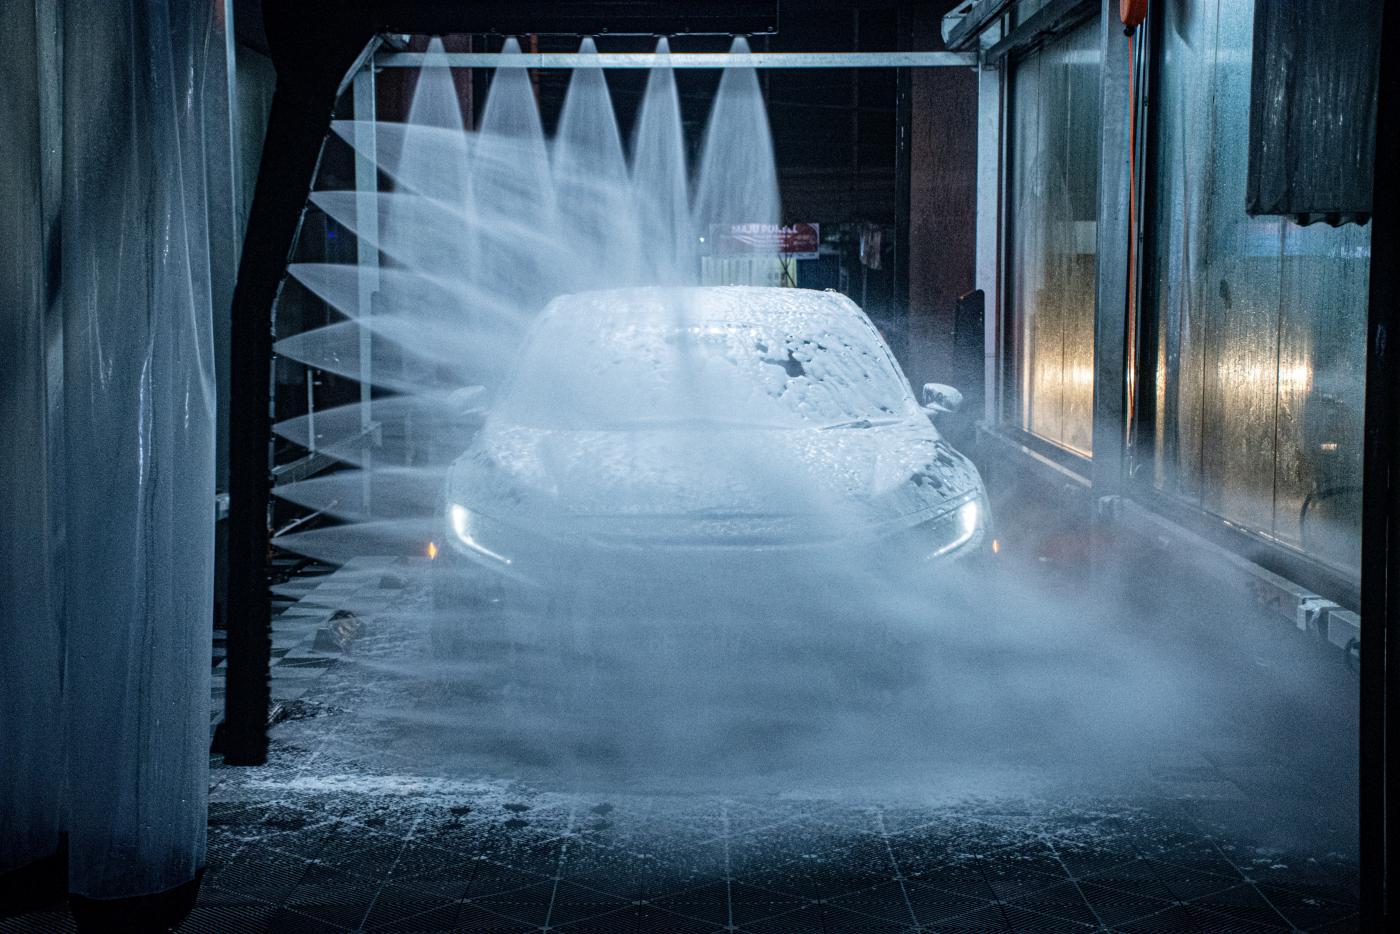 Budowa myjni samoobsługowych - jak odpowiednio się do niej przygotować?